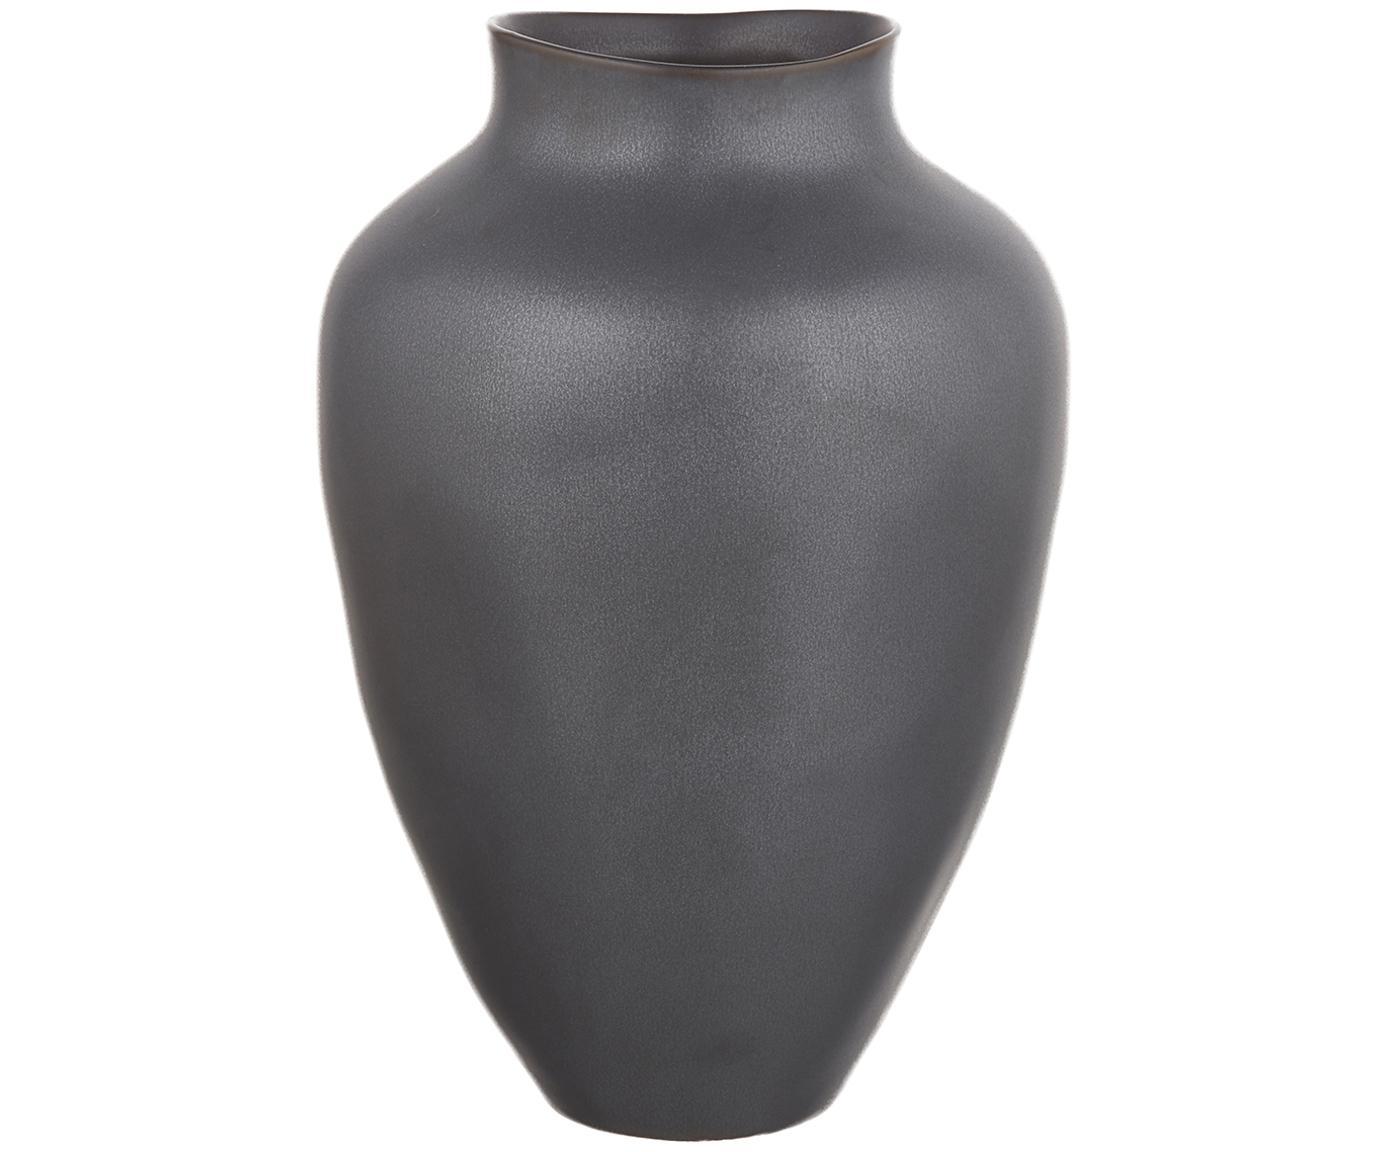 Große handgefertigte Vase Latona aus Keramik, Keramik, Schwarz, matt, Ø 21 x H 30 cm